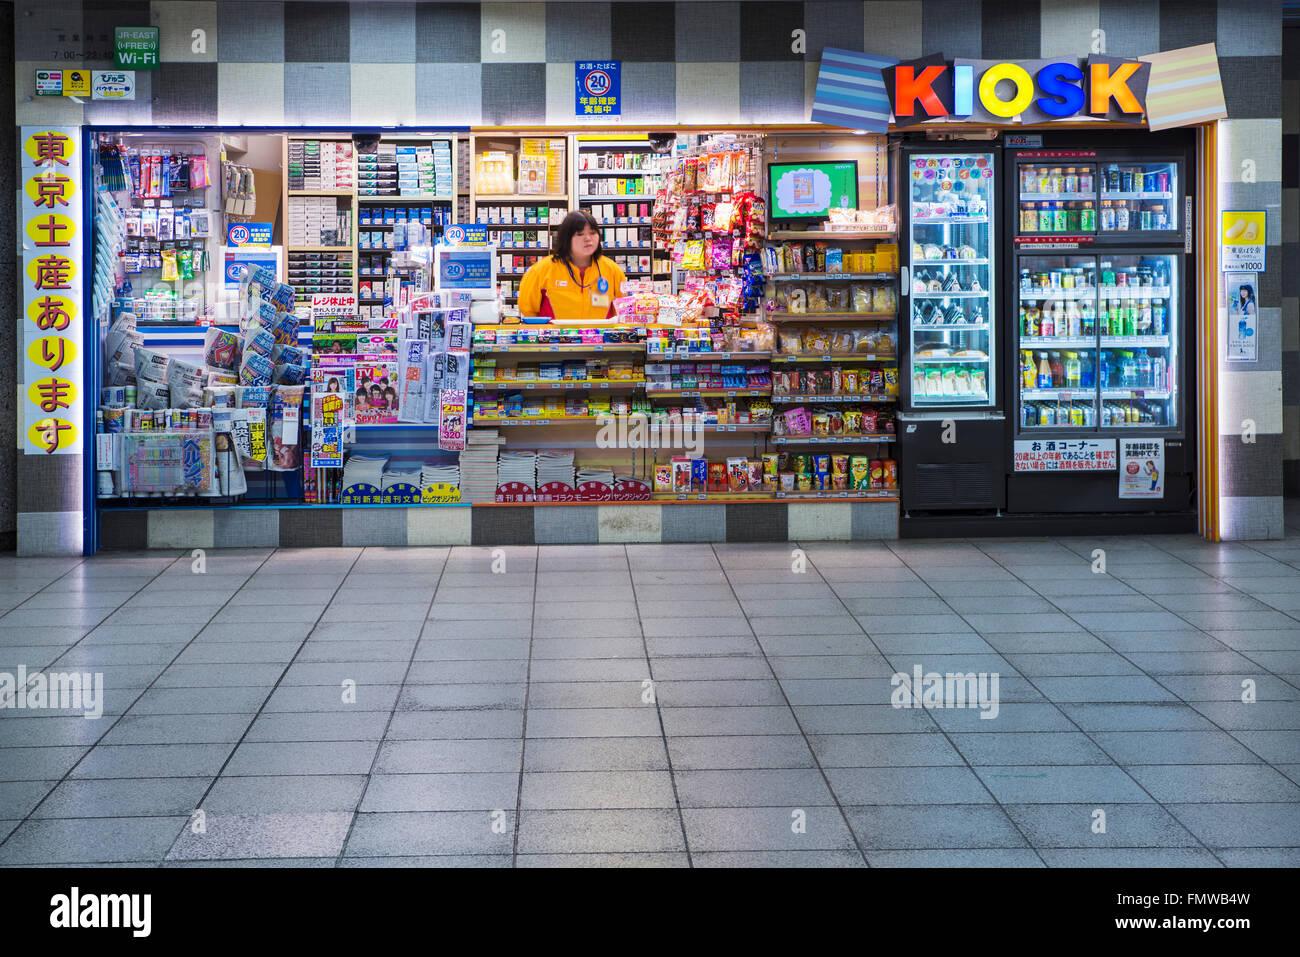 Ein typisch Bahnhof Supermarkt oder Kiosk in Japan. In diesem am Bahnhof Ikebukuro, Tokio, Japan Stockbild